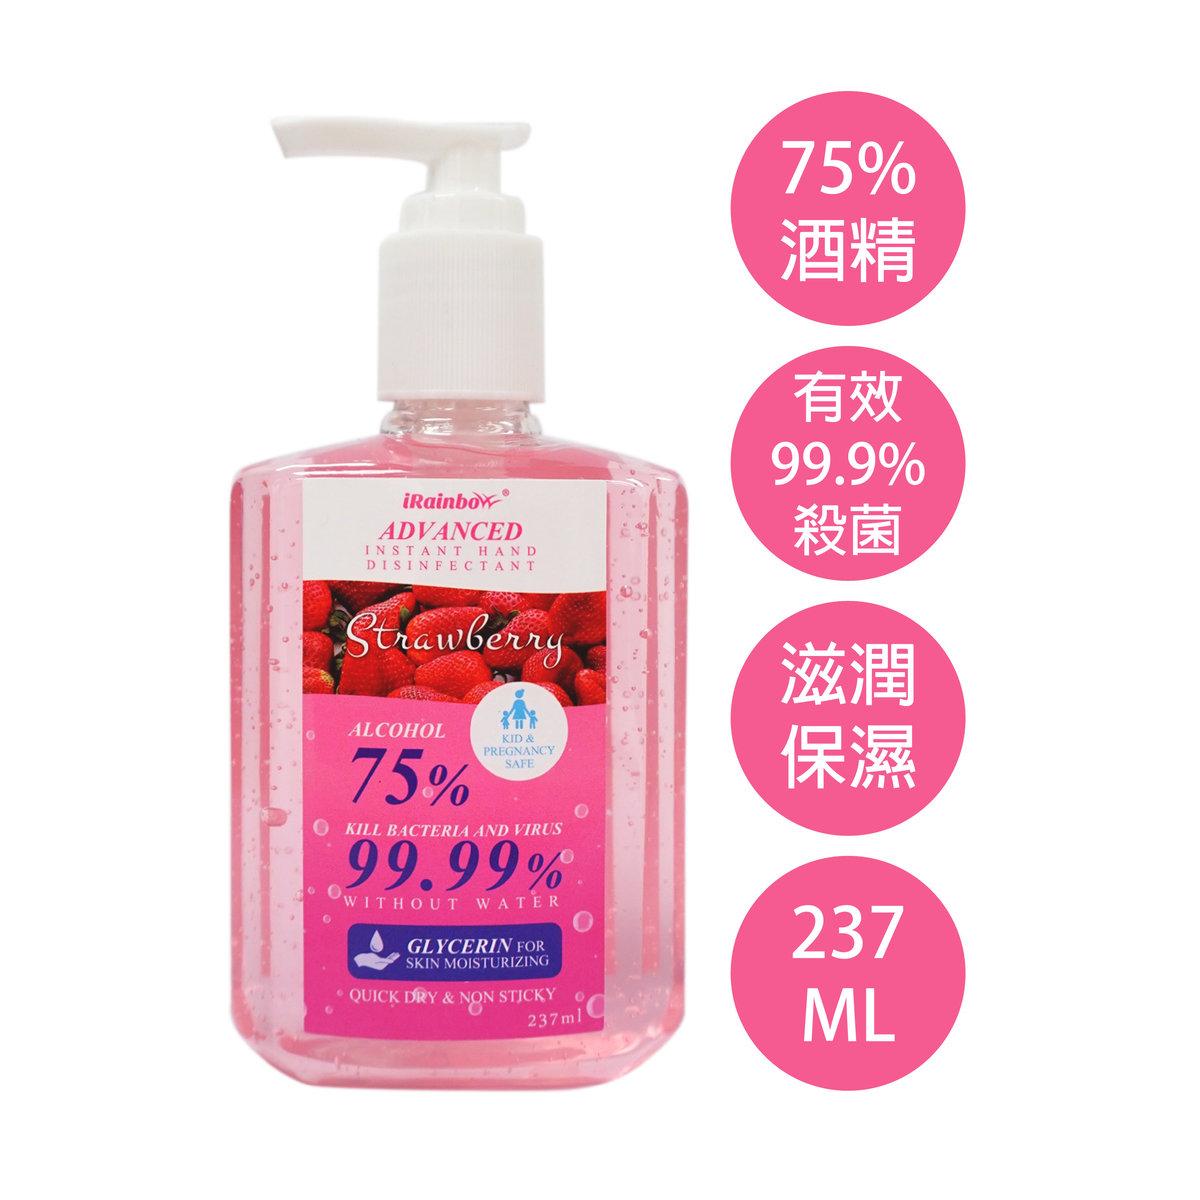 75%酒精消毒搓手液 殺菌99.99% -  草莓   (237ml)